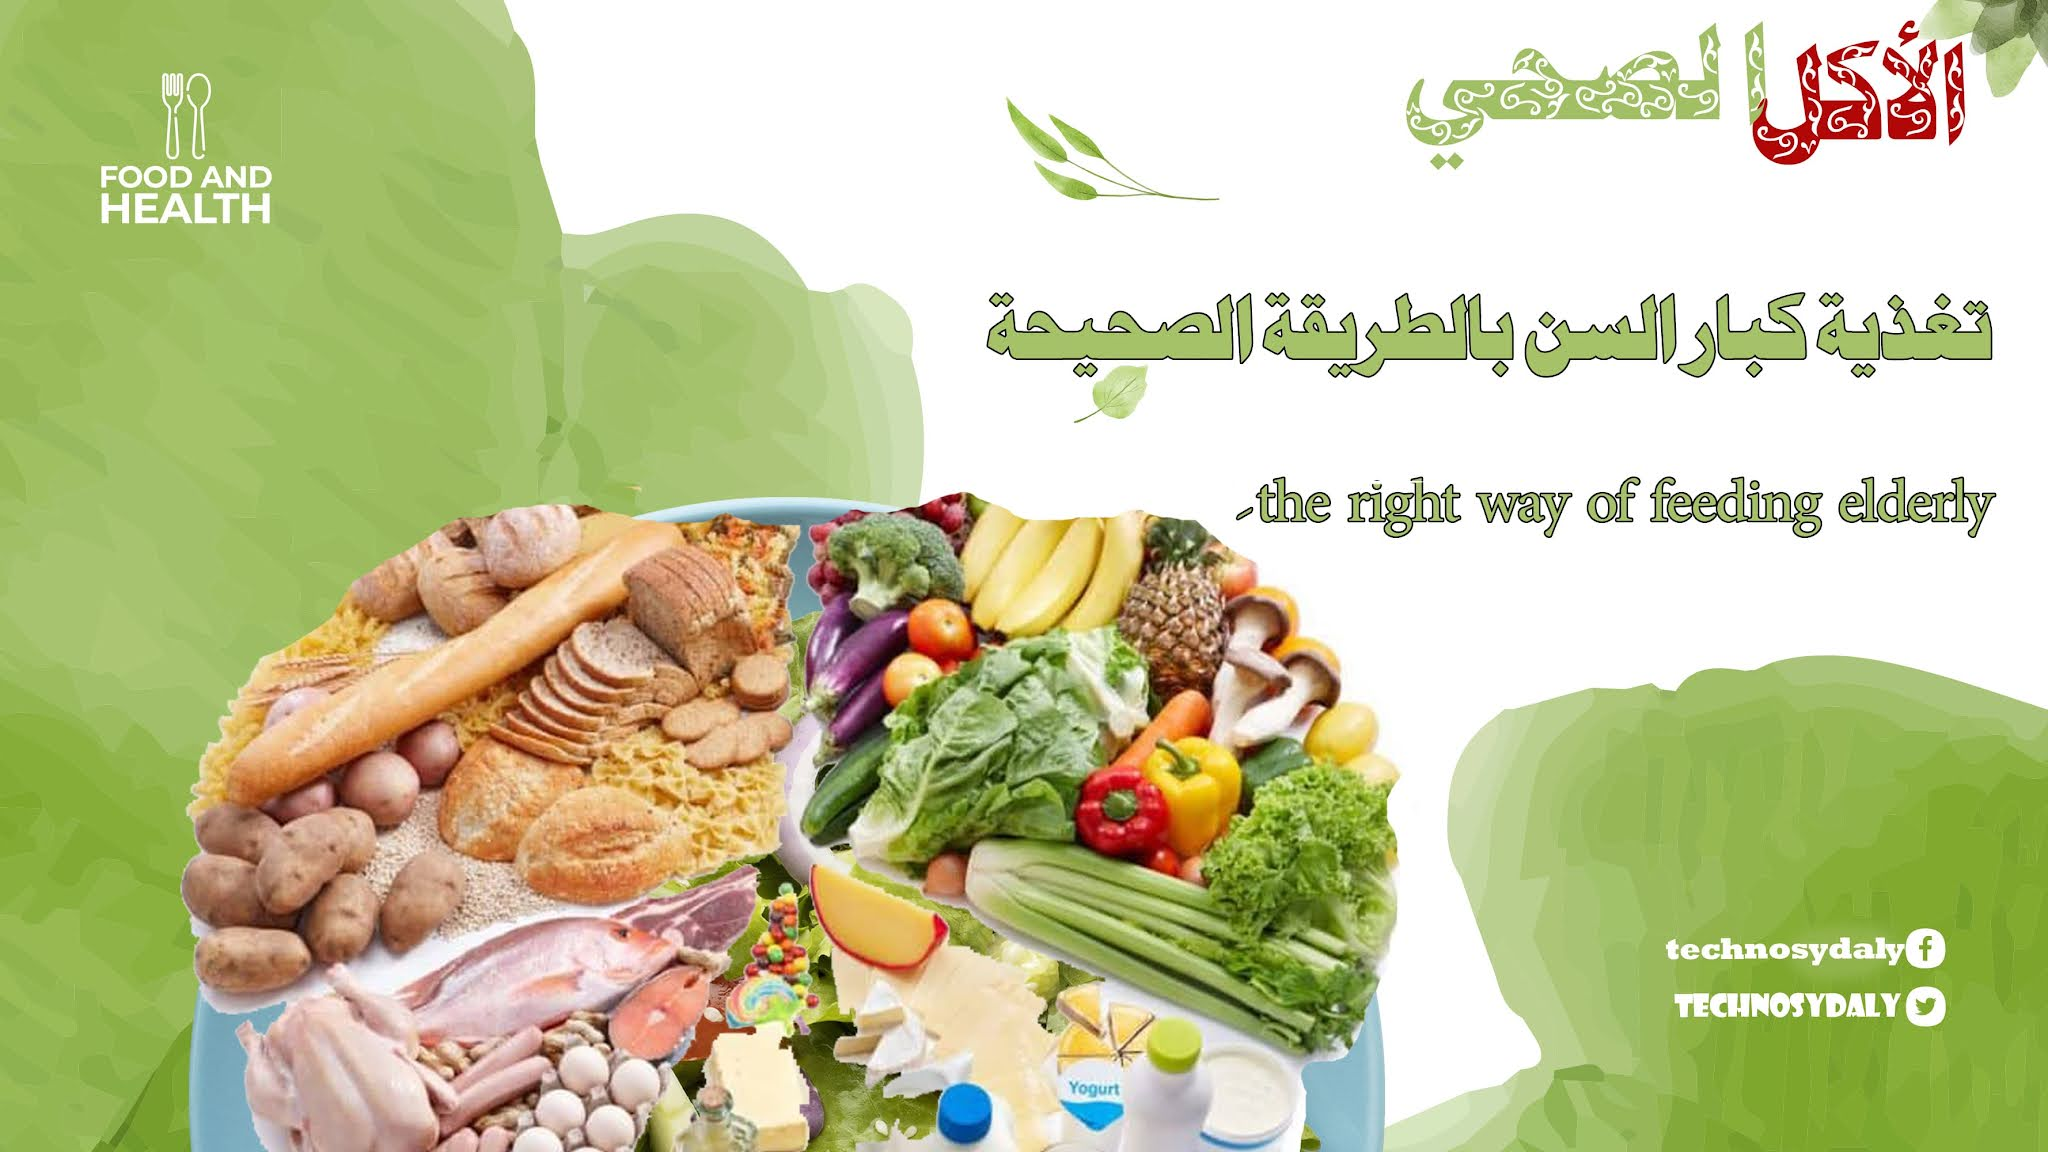 تغذية كبار السن بالطريقة الصحيحة the right way of feeding elderly